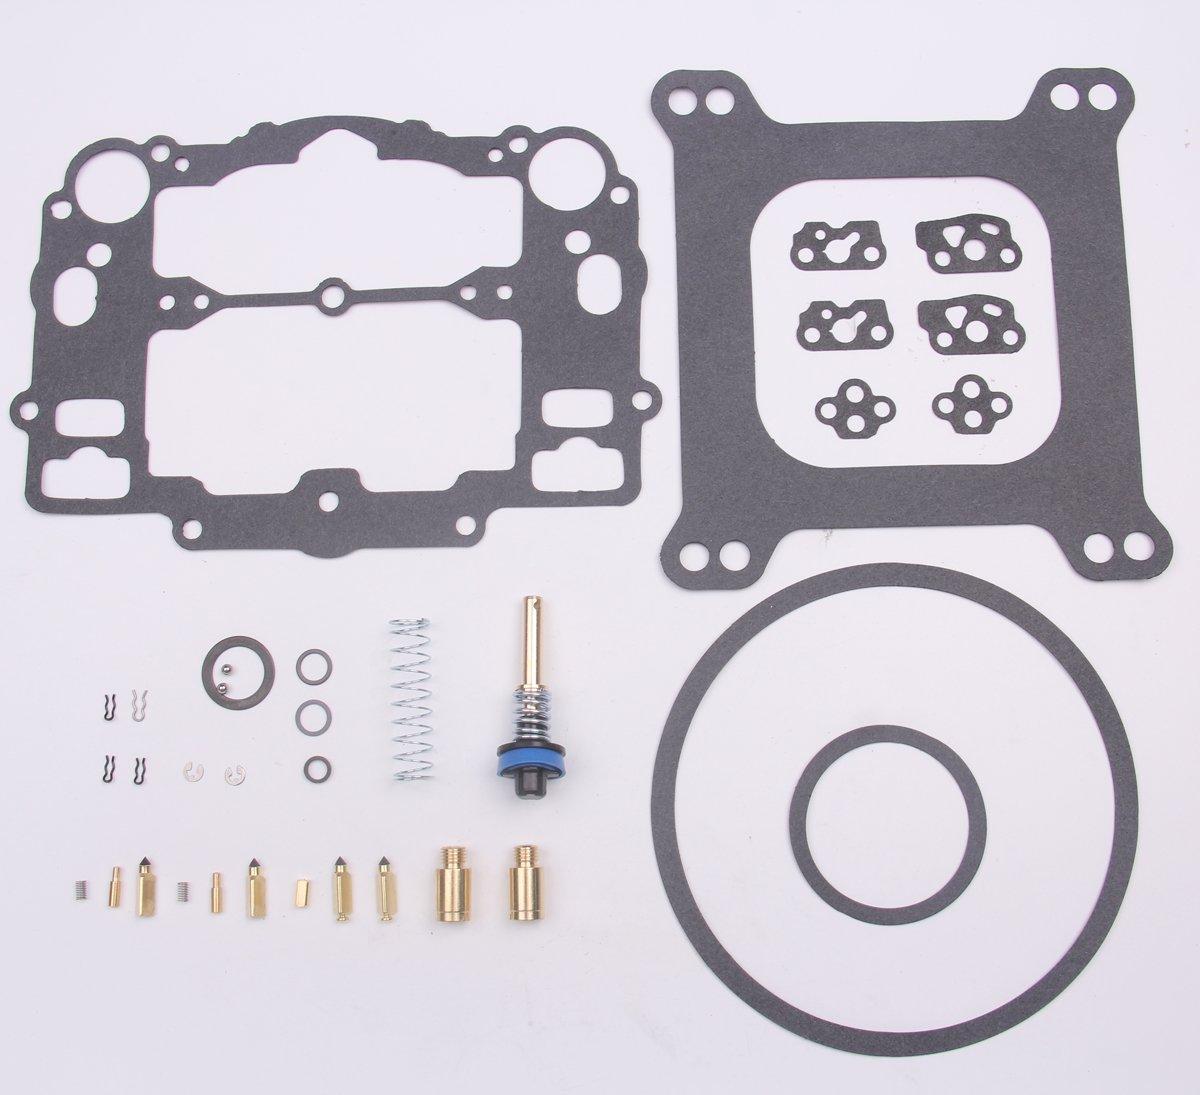 Carburetor Rebuild Kit for EDELBROCK 1400 1404 1405 1406 1407 1411 1409 BH-Motor